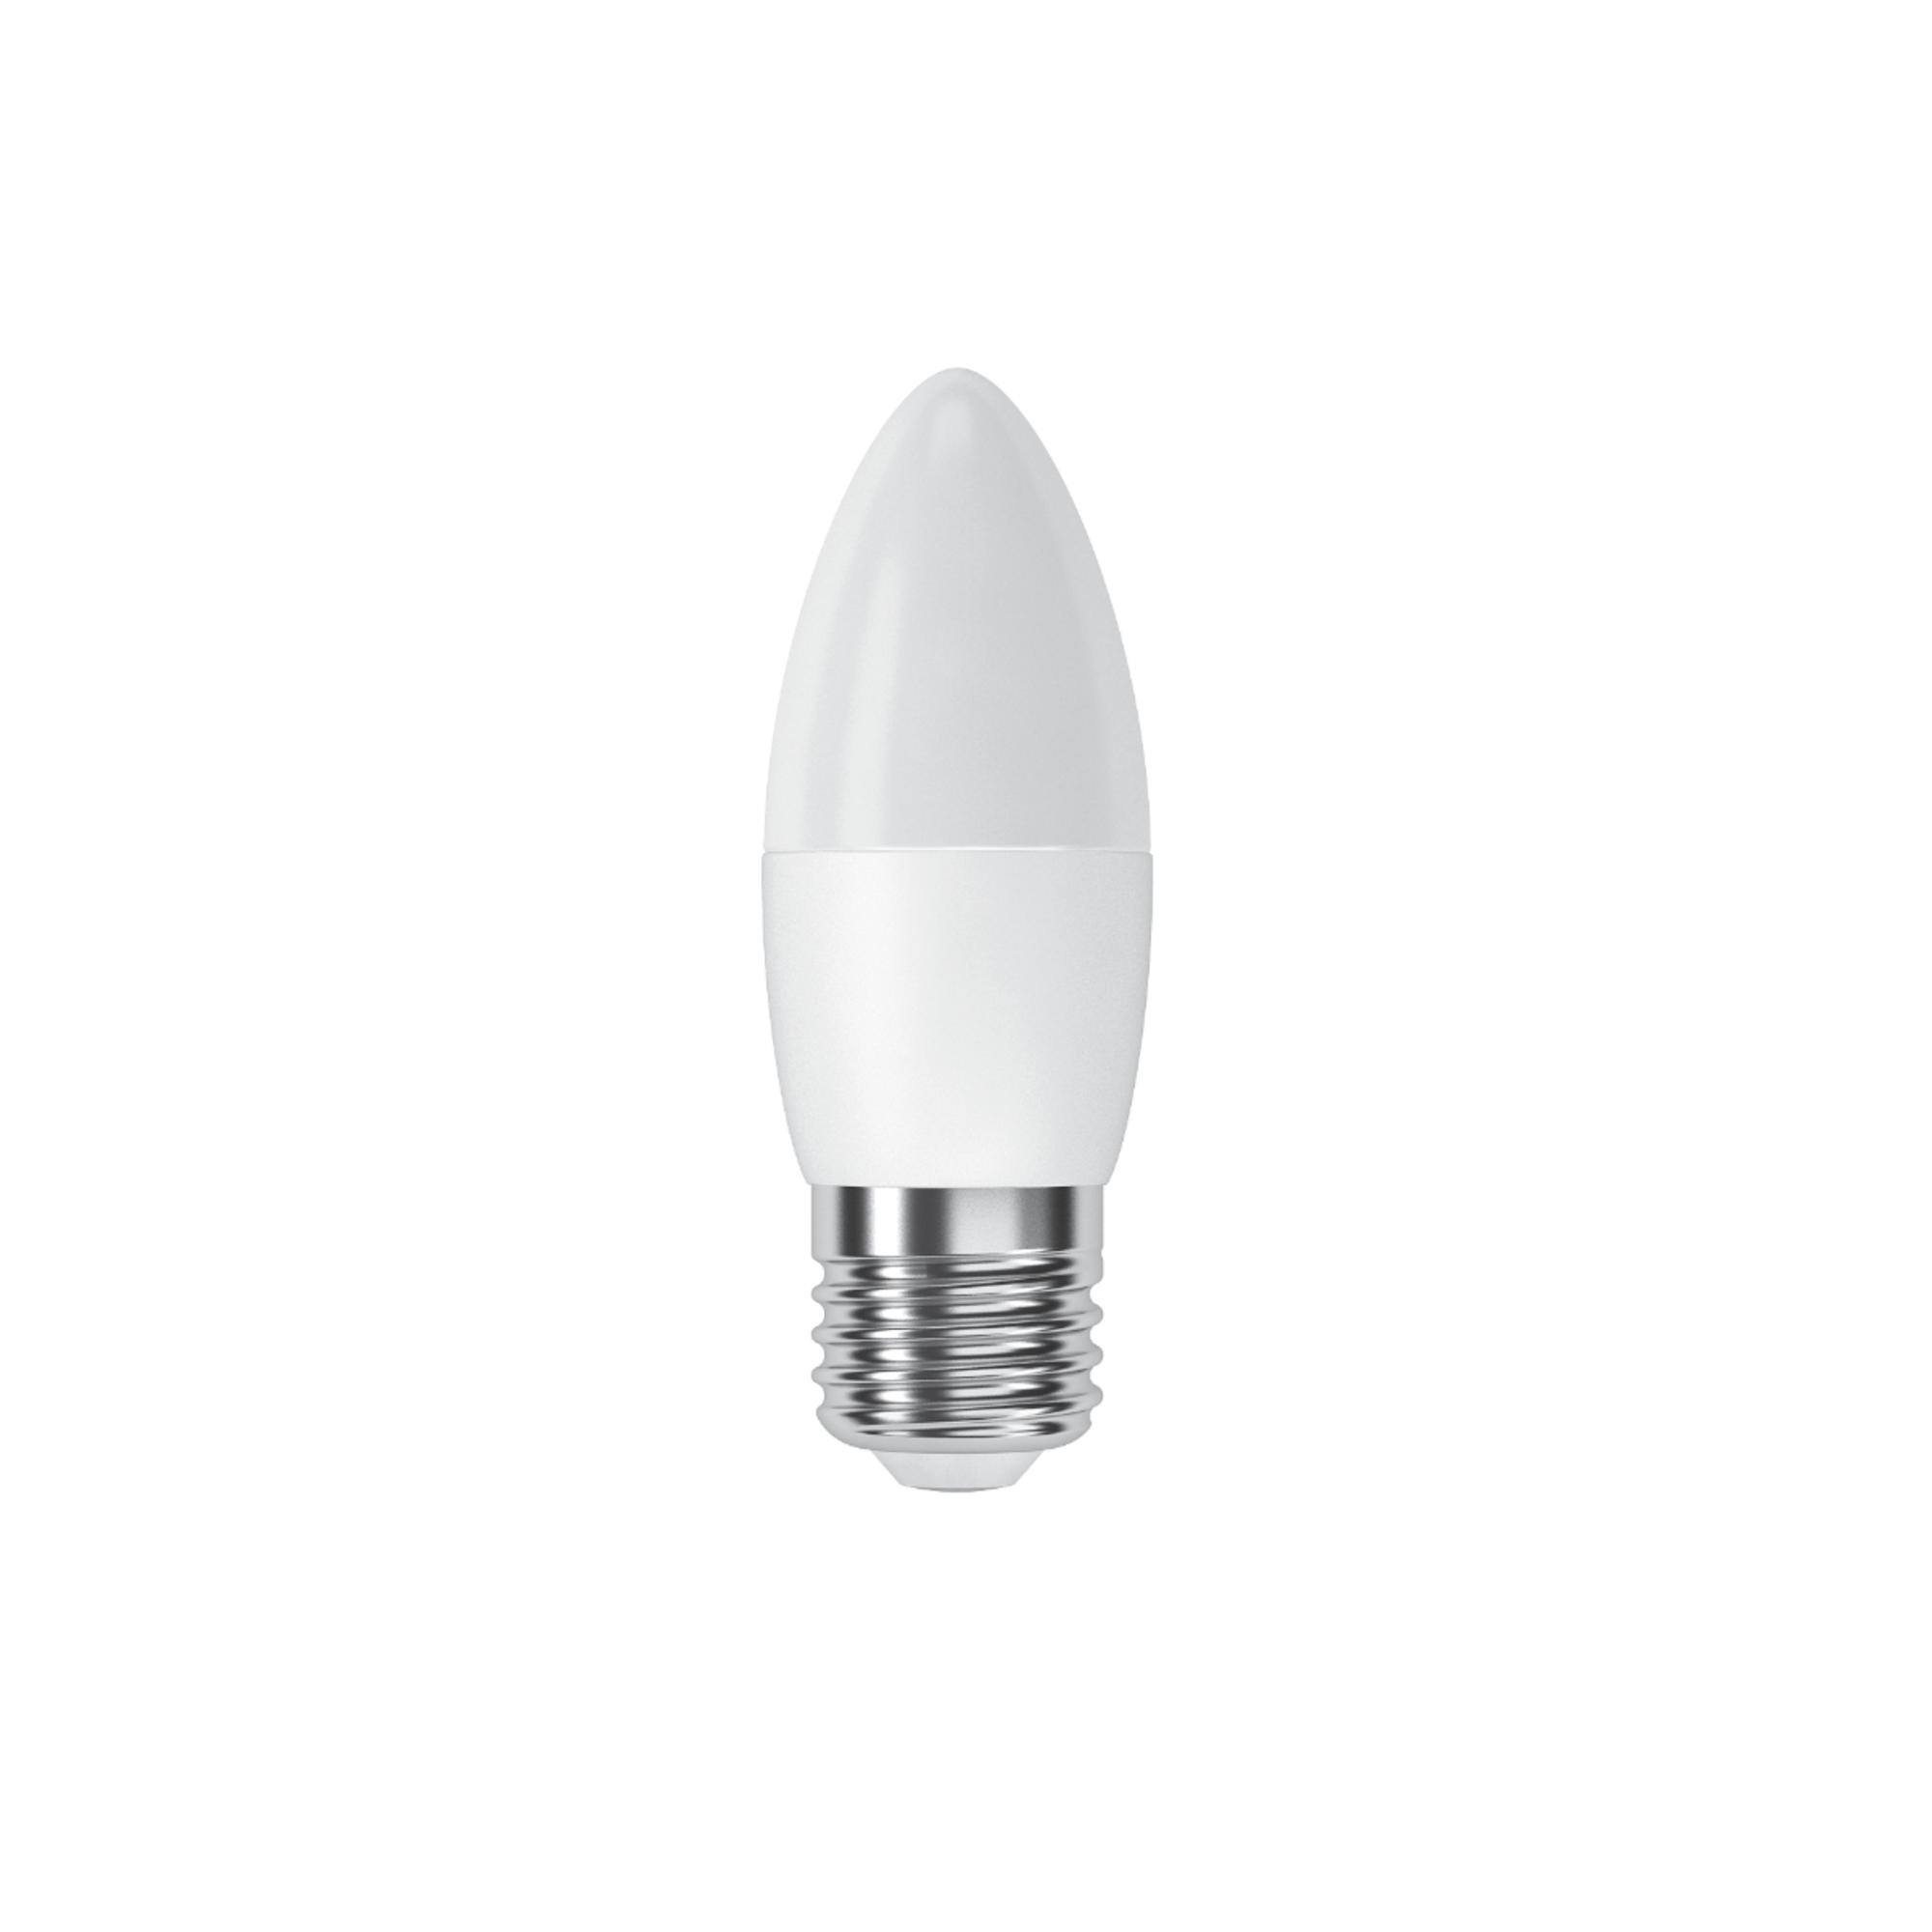 Светодиодная лампочка Фотон 22832 E27 545 Лм 6 Вт